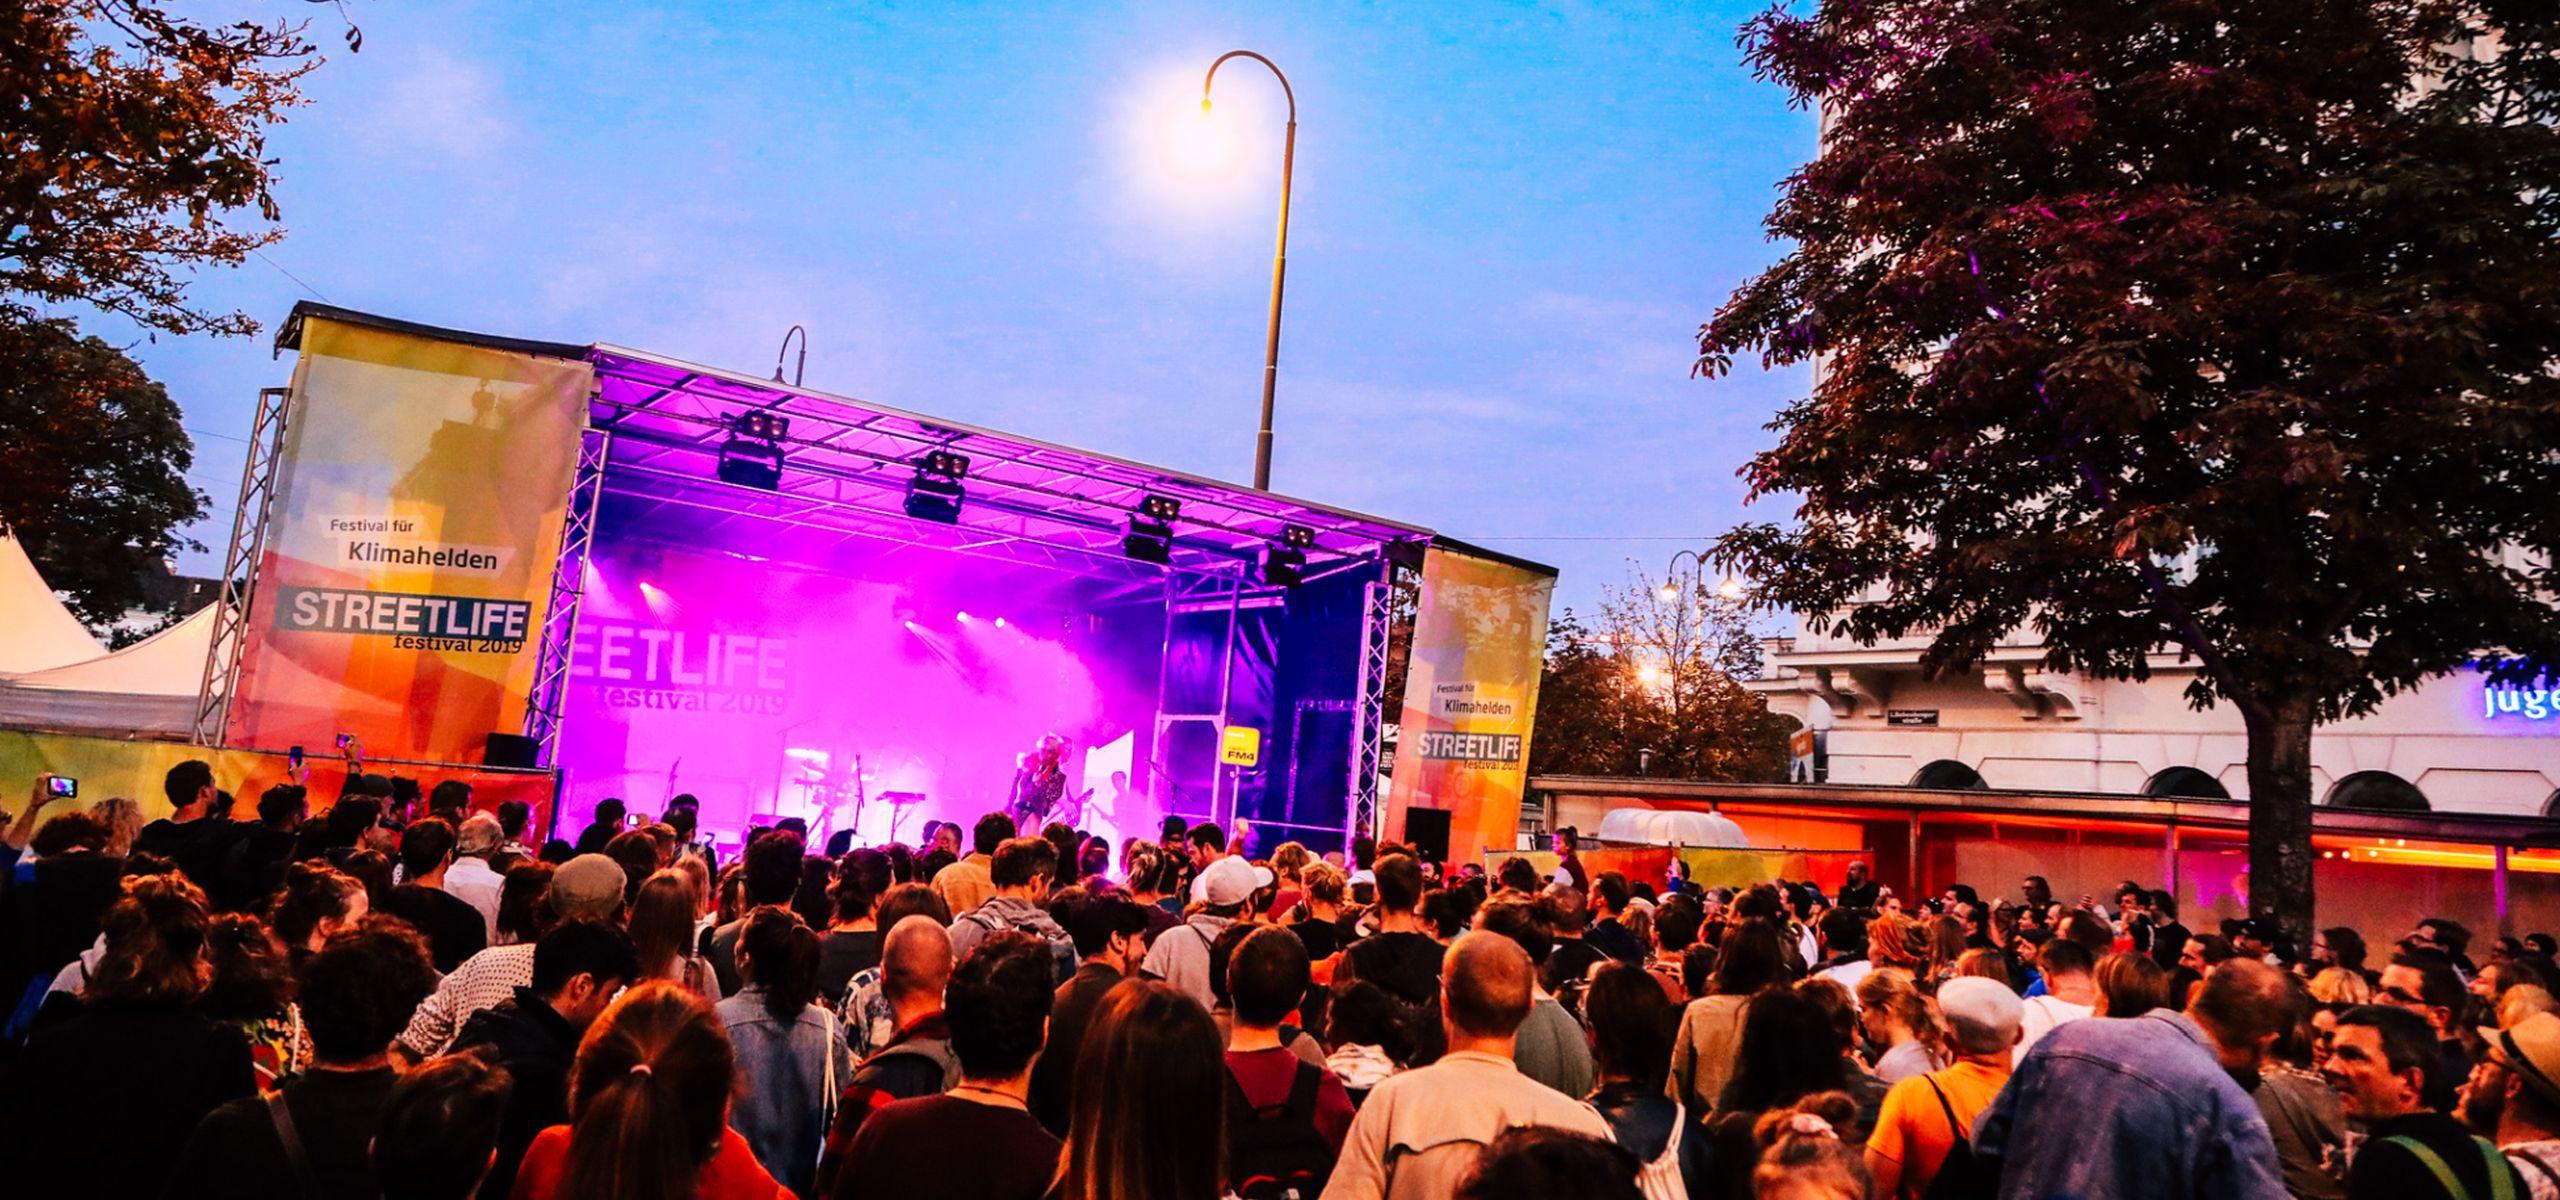 Streetlife Festival 2019. Die Band Ankathie Koi heizt am Abend dem Publikum ein. Tausende Besucherinnen und Besucher tanzen in der Babenberger Straße beim Straßen- und Mobilitätsfest zum Auftakt der Mobilitätswoche.